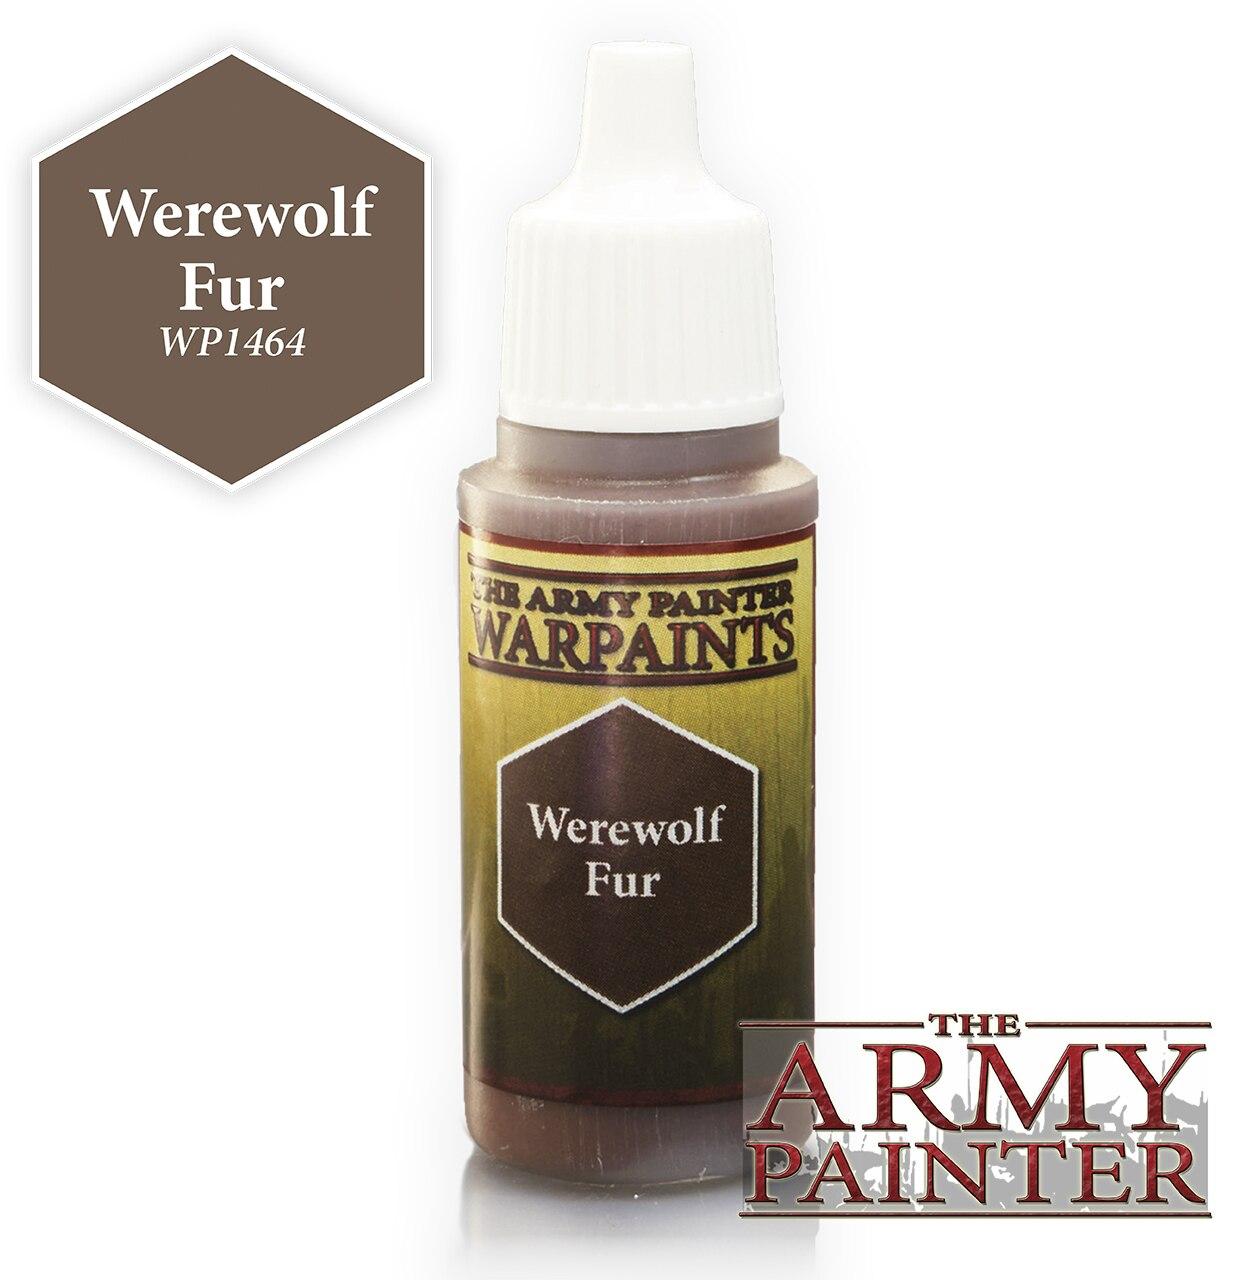 Army Painter Warpaint - Werewolf Fur